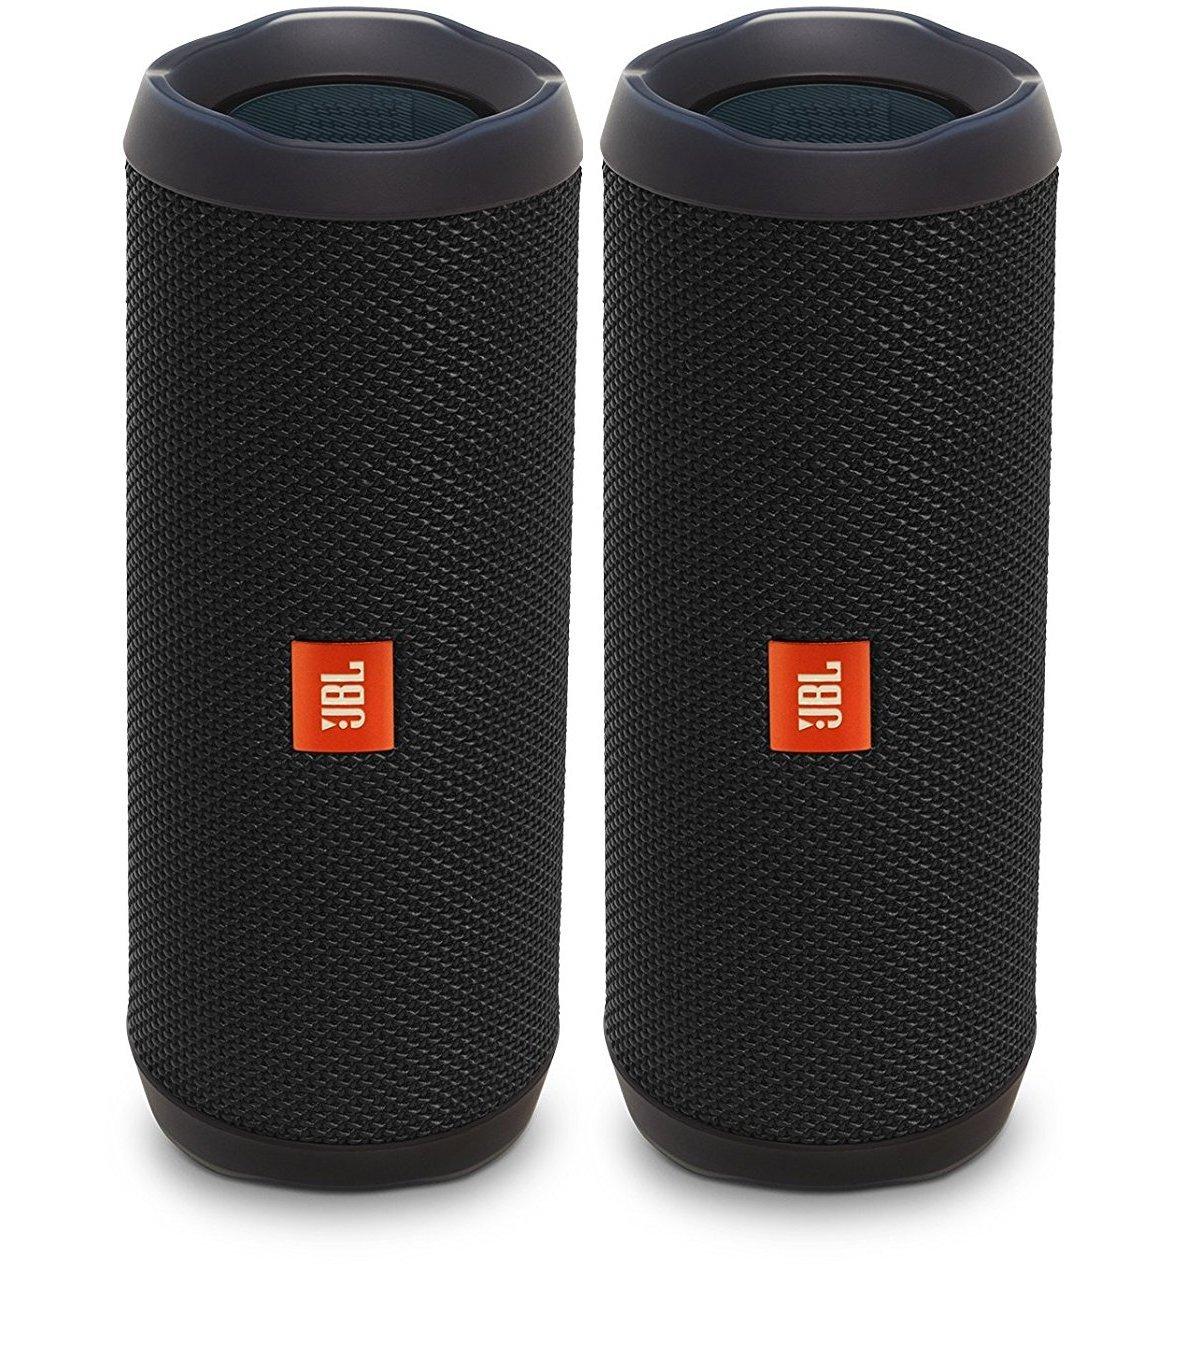 JBL Flip 4 Waterproof Portable Wireless Bluetooth Speaker Bundle - (Pair)  Black